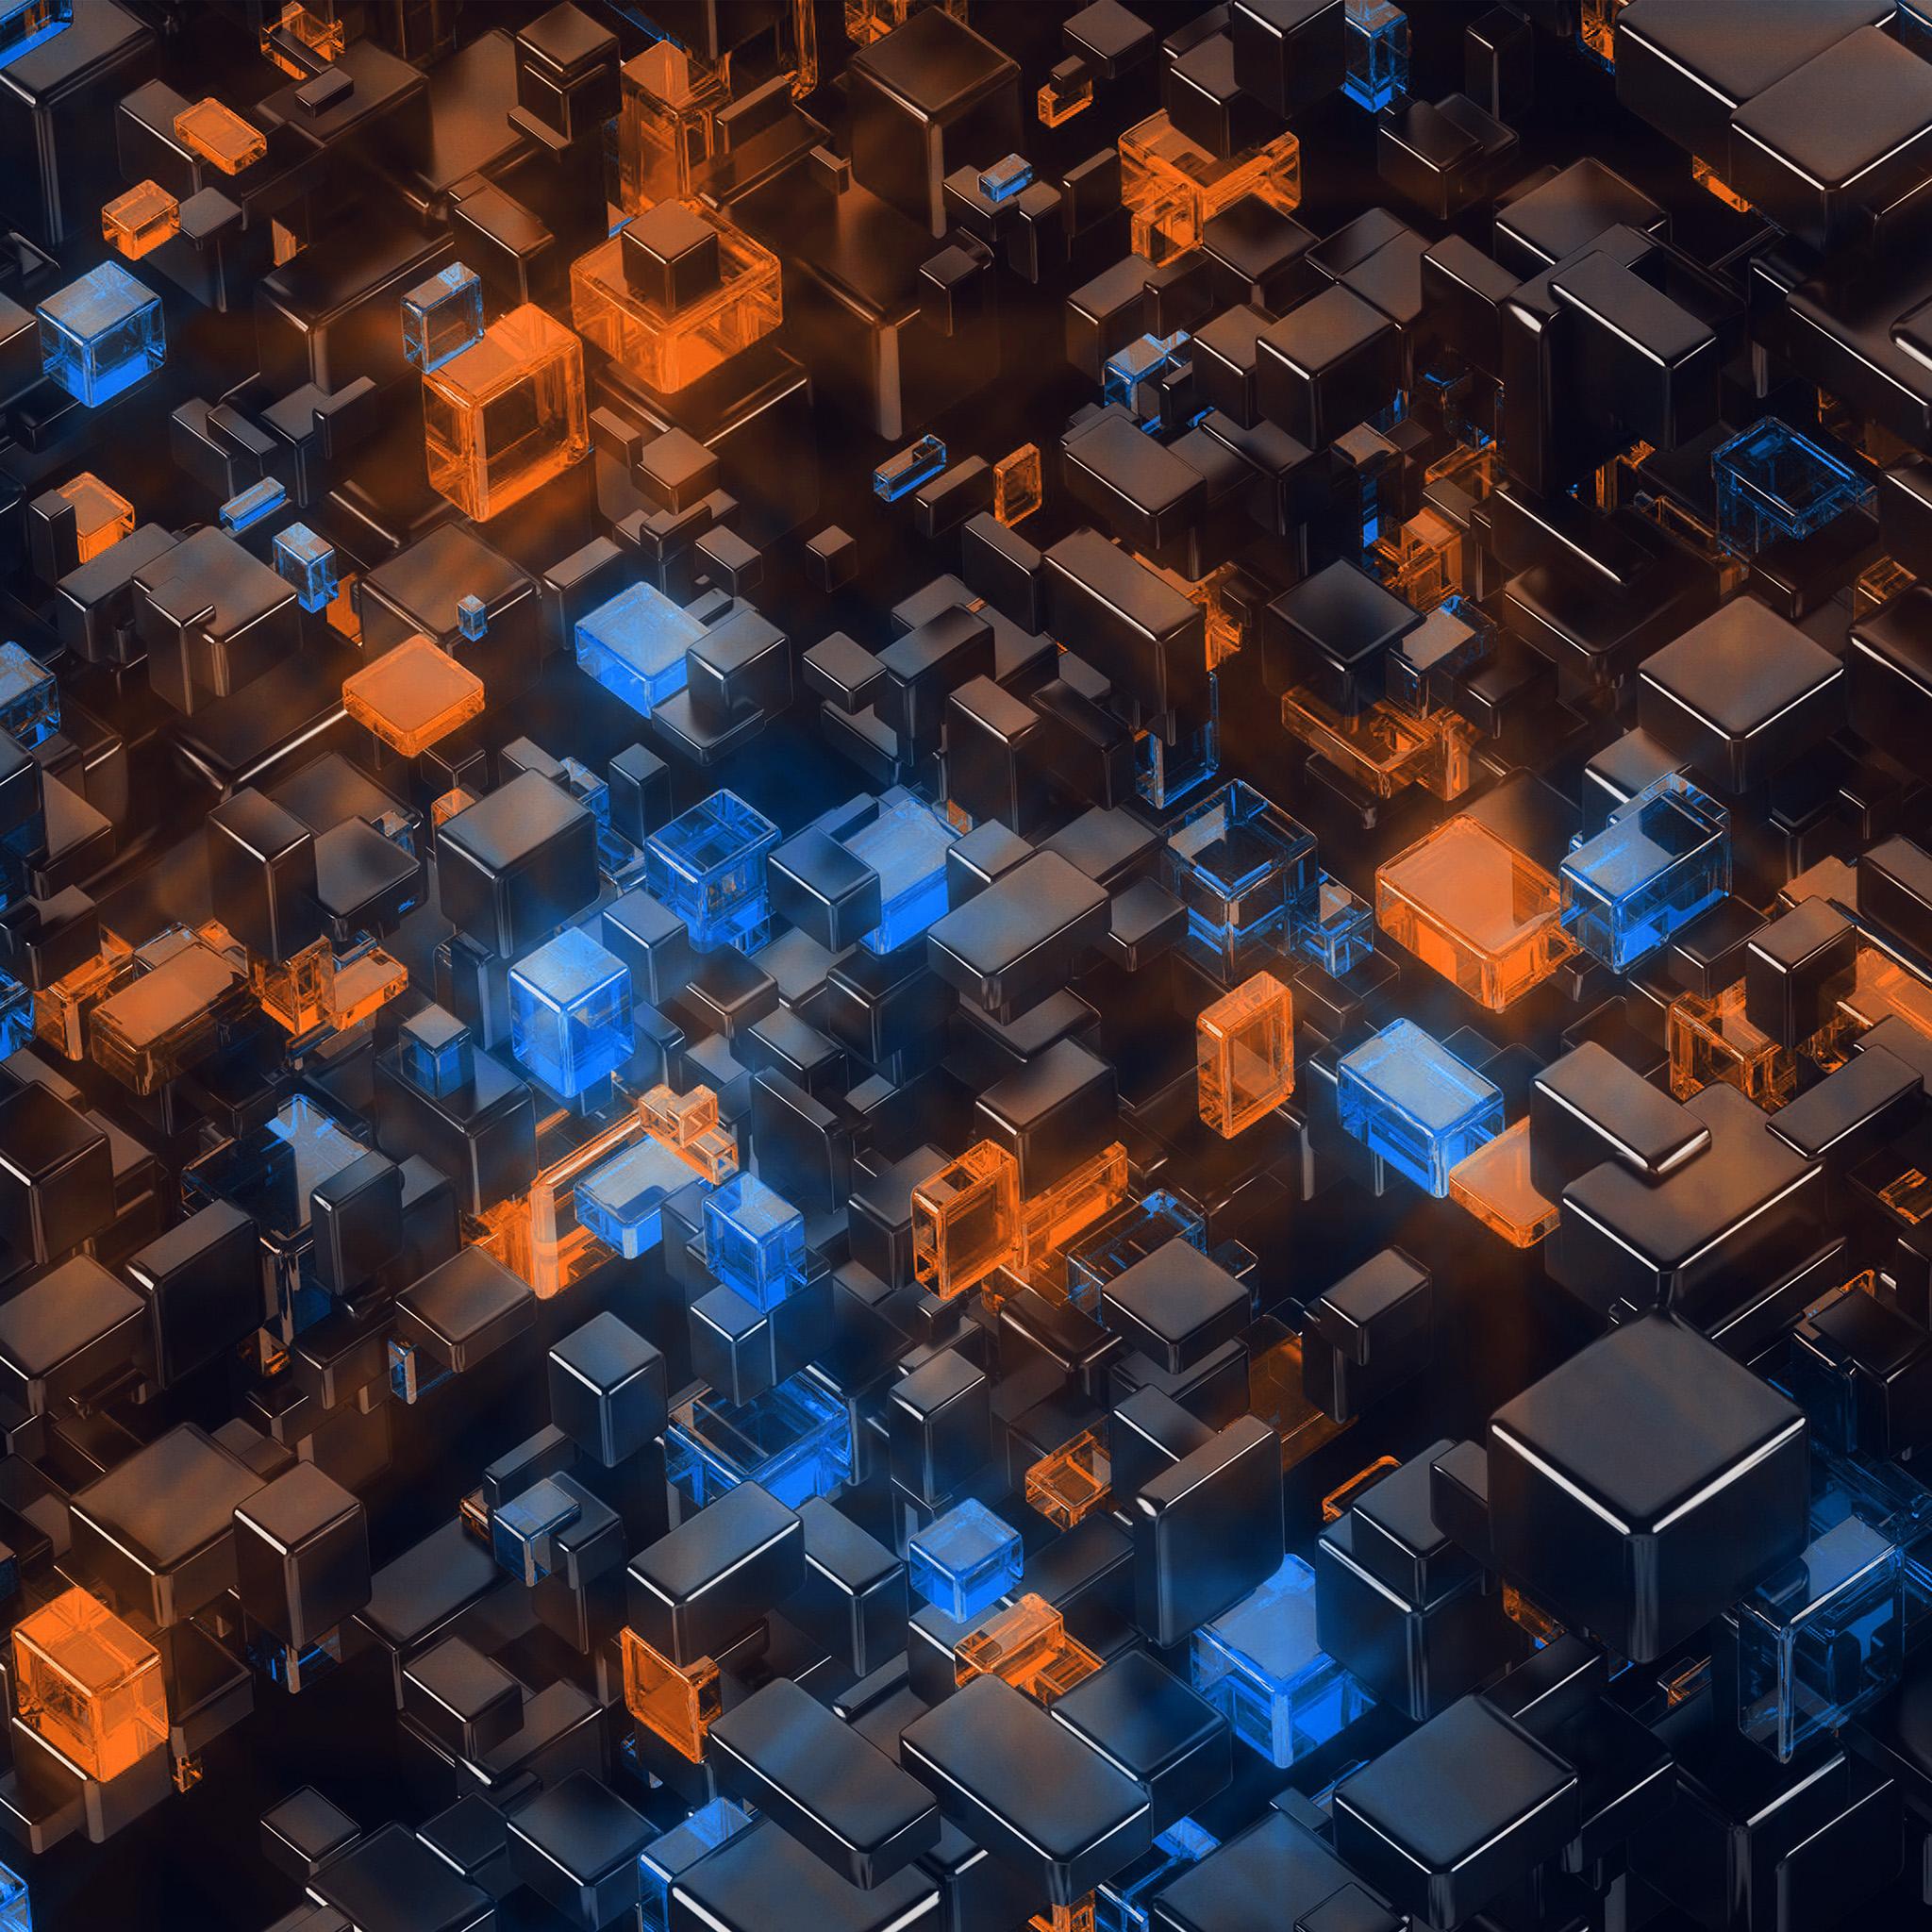 Orange Wallpaper Hd: Vp41-digital-art-blue-orange-3d-pattern-wallpaper